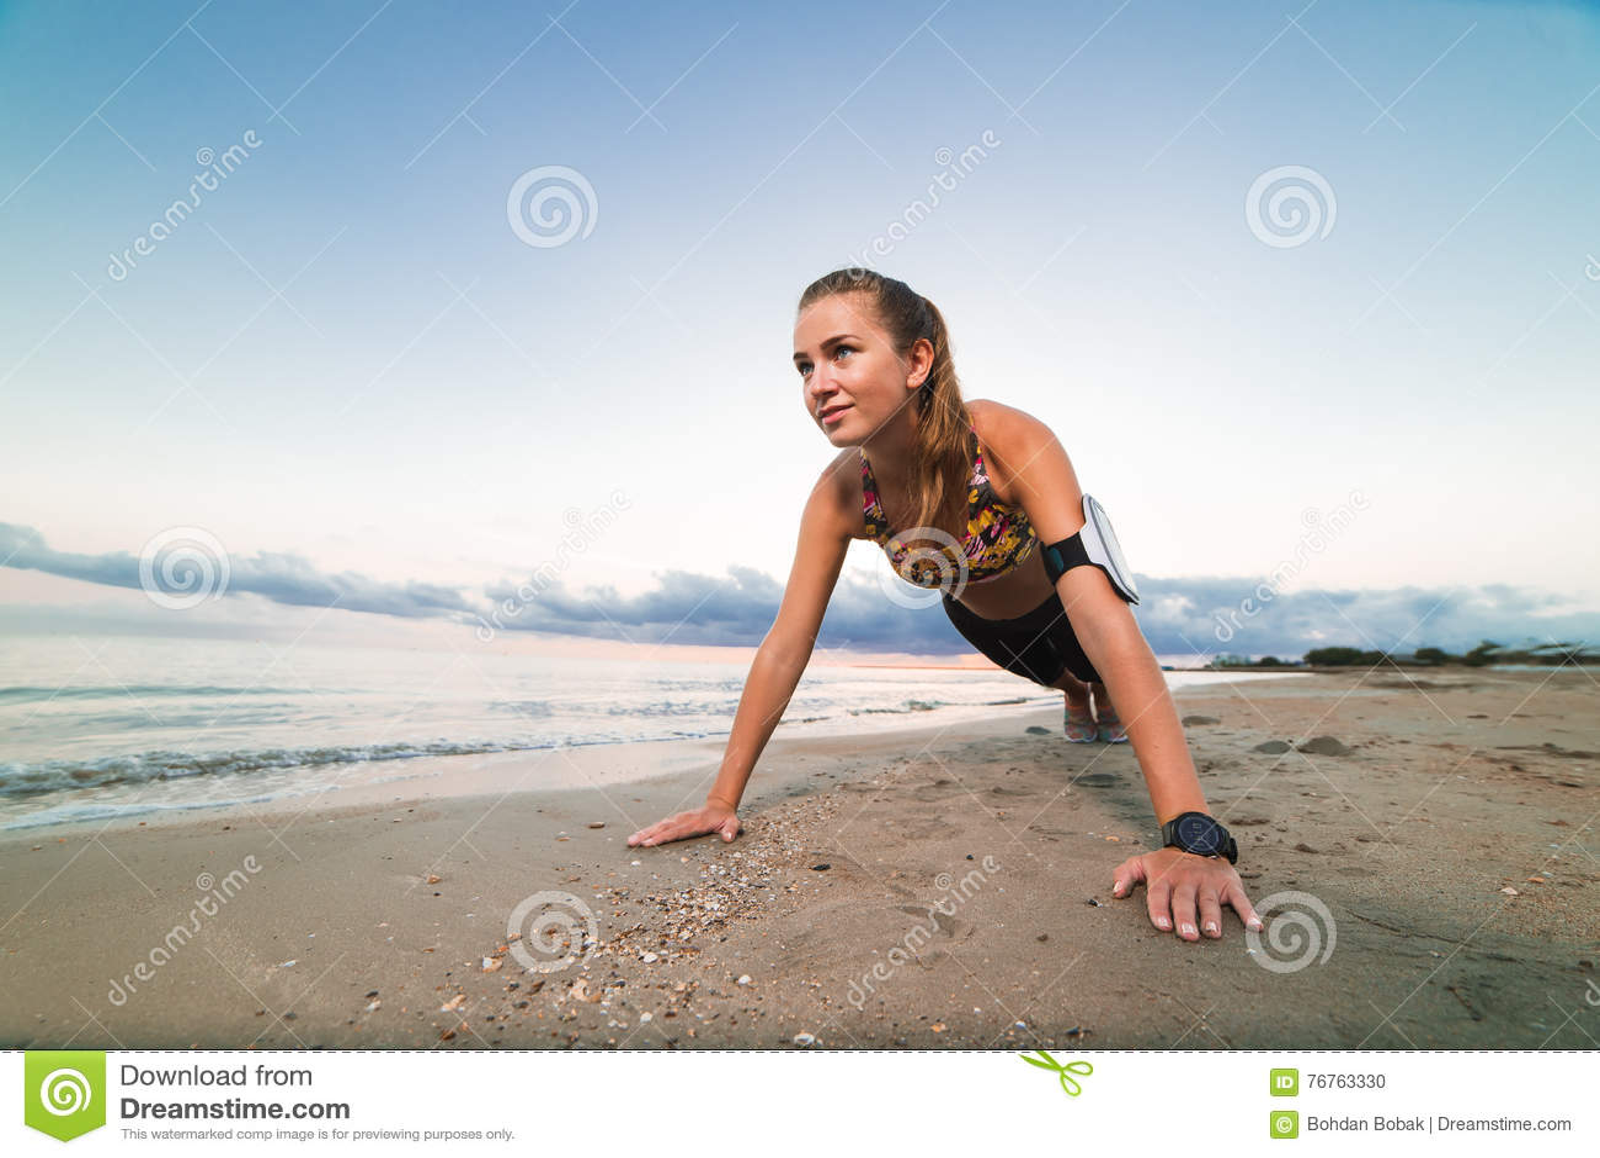 Ragazza Che Fa Cartwheel In Acqua Immagine Stock